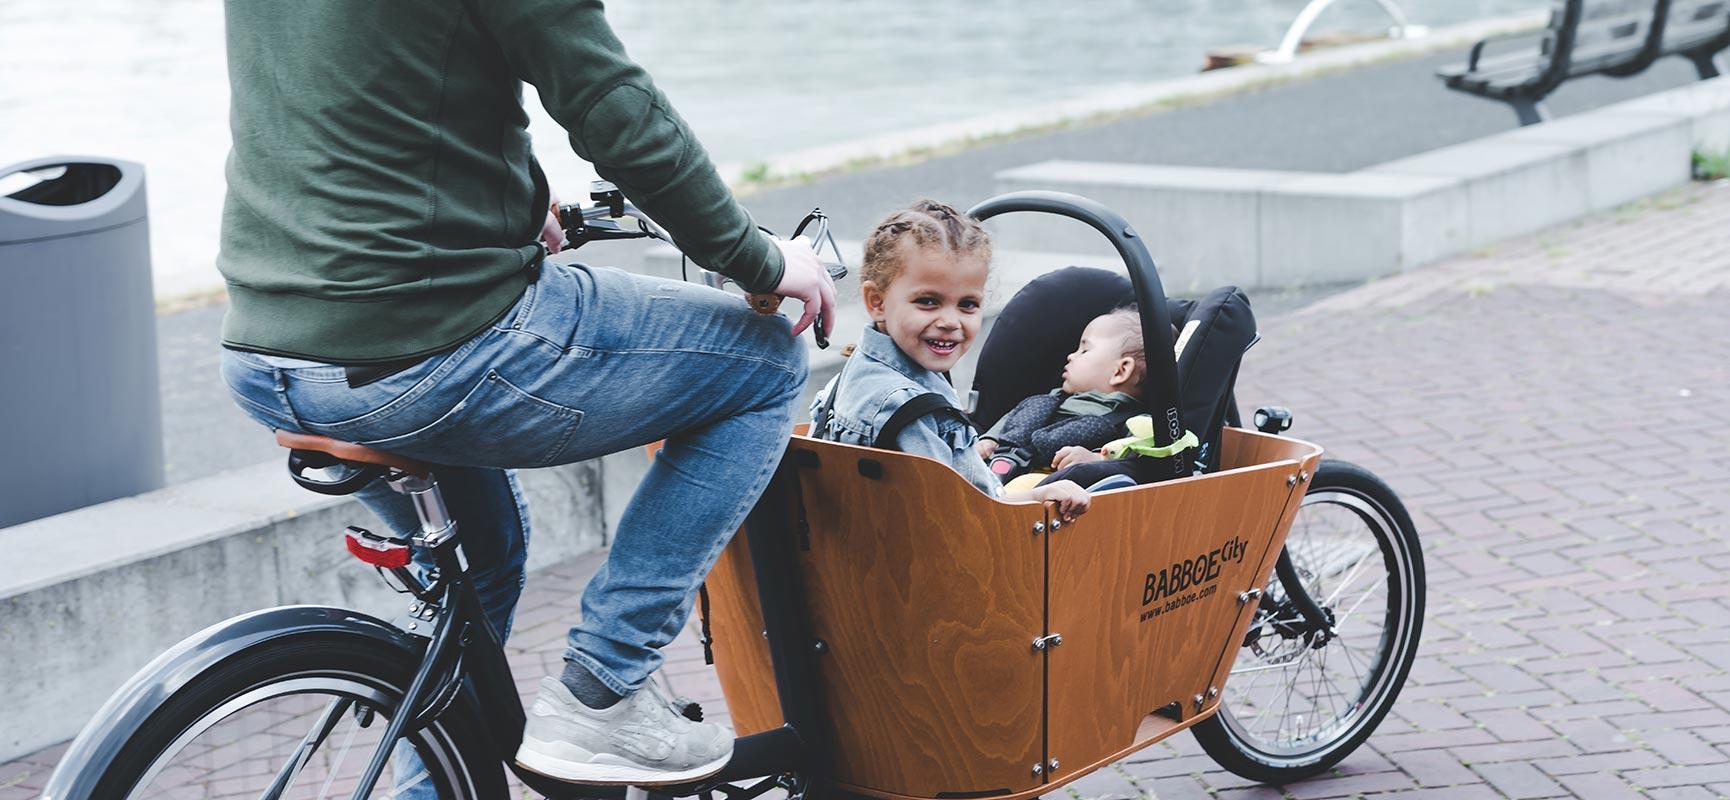 Useful! Taking a maxi cosi in the cargo bike